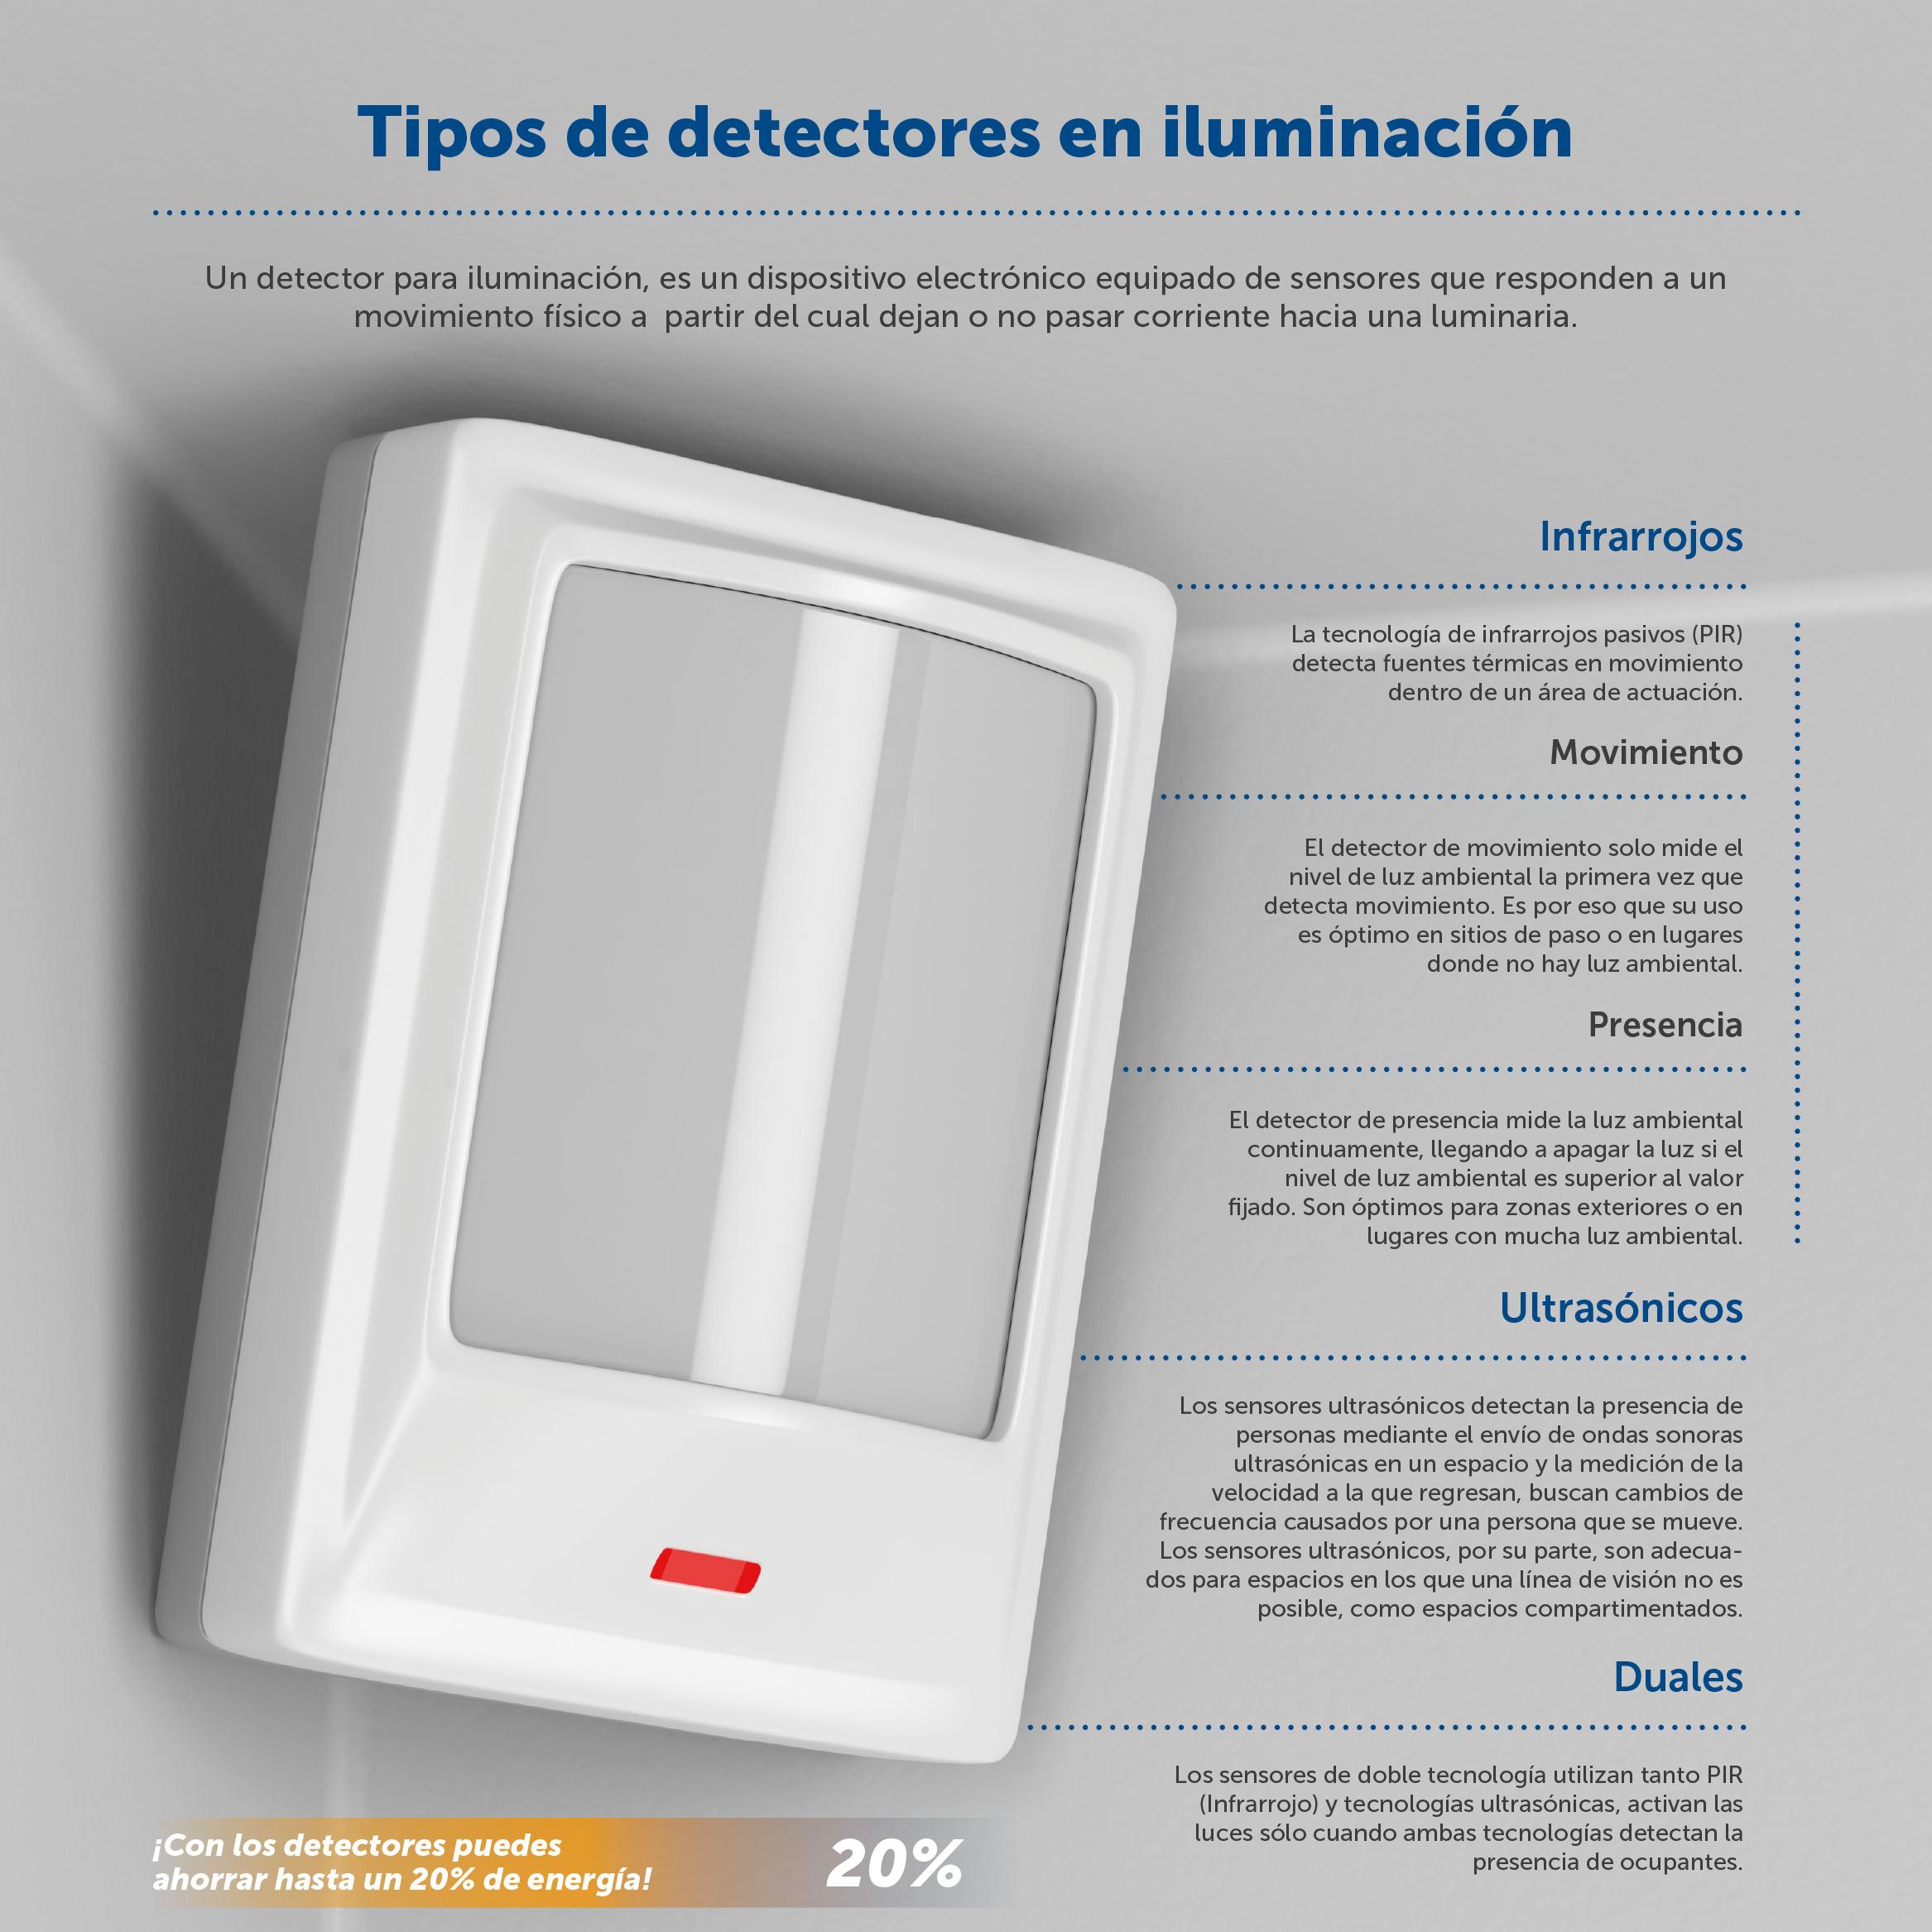 Tipos de detectores en iluminación